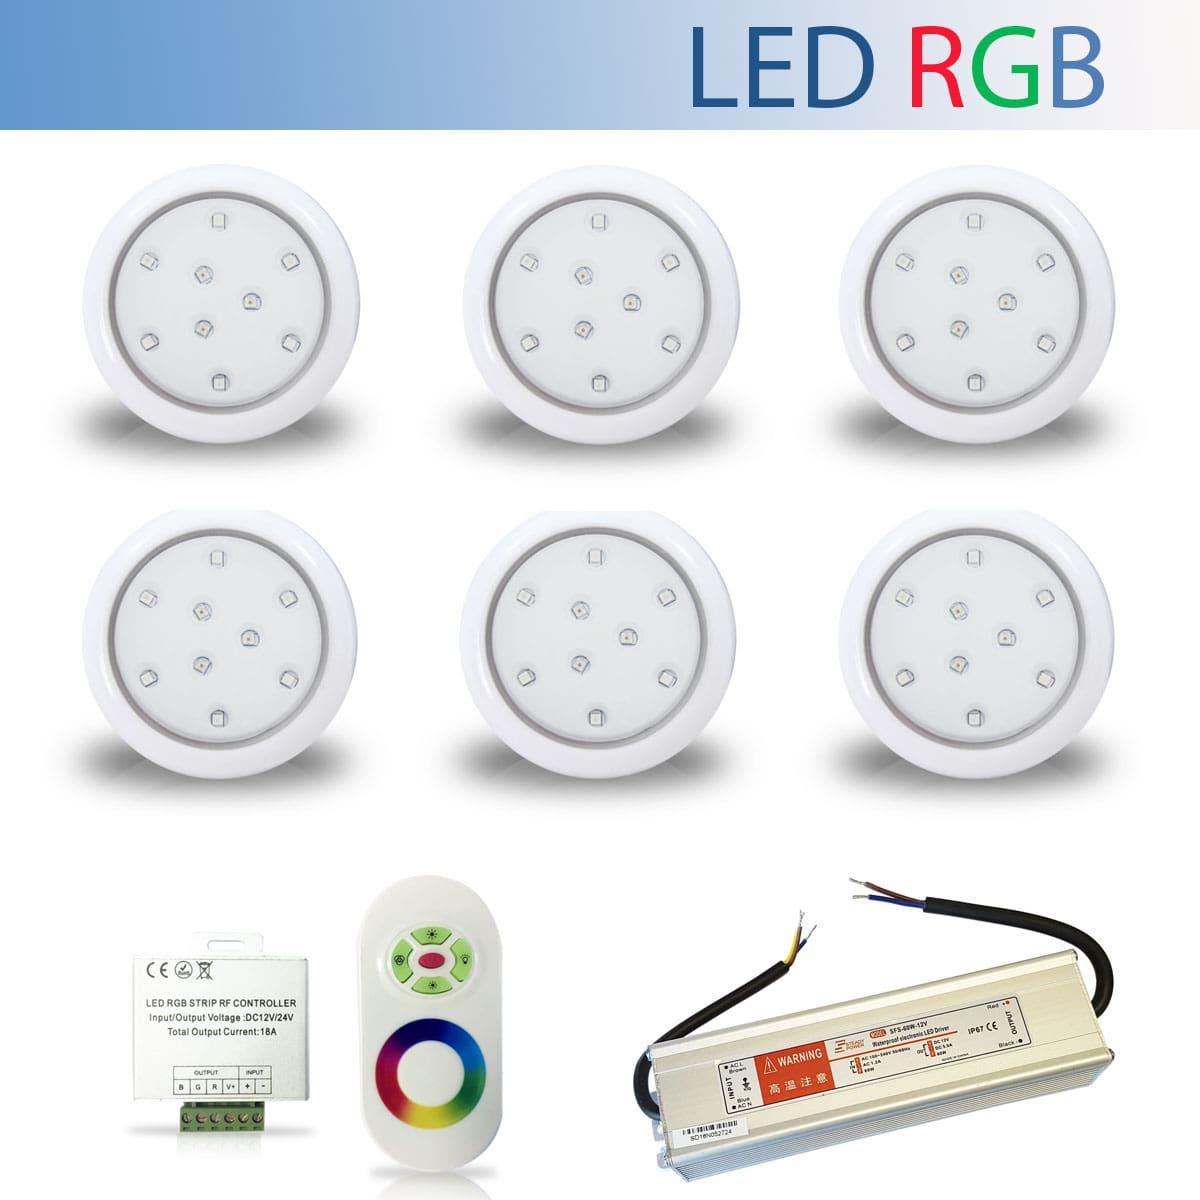 Kit 6 Luminária Led RGB para Piscina de 9W 80mm + Fonte Blindada IP67 de 60W + Controle RGB